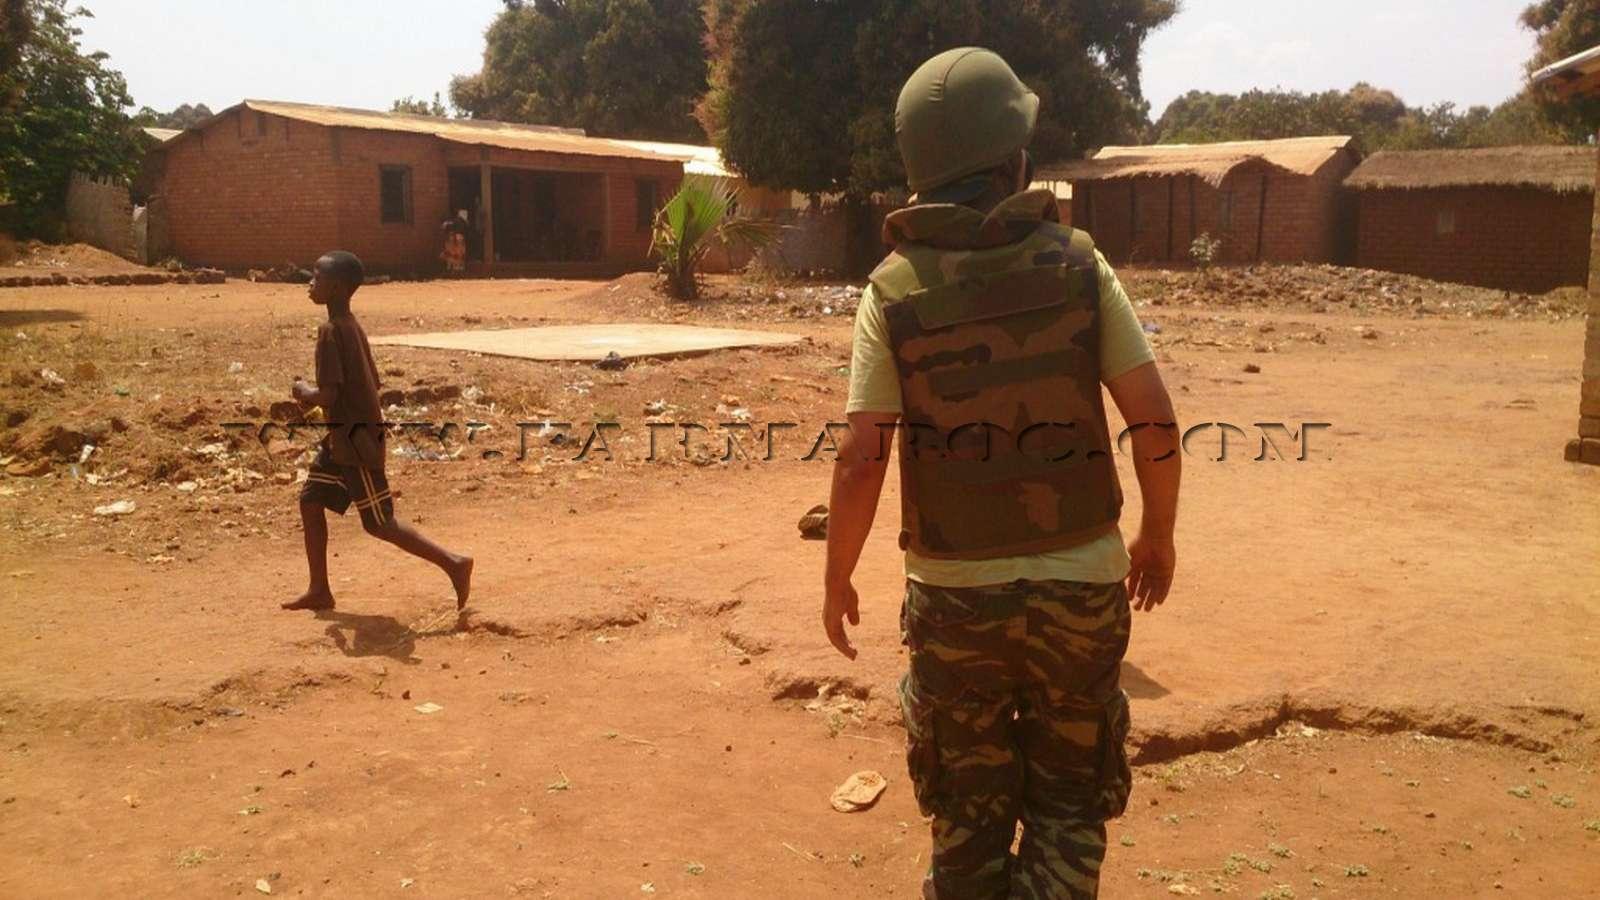 Maintien de la paix dans le monde - Les FAR en République Centrafricaine - RCA (MINUSCA) 06_00010